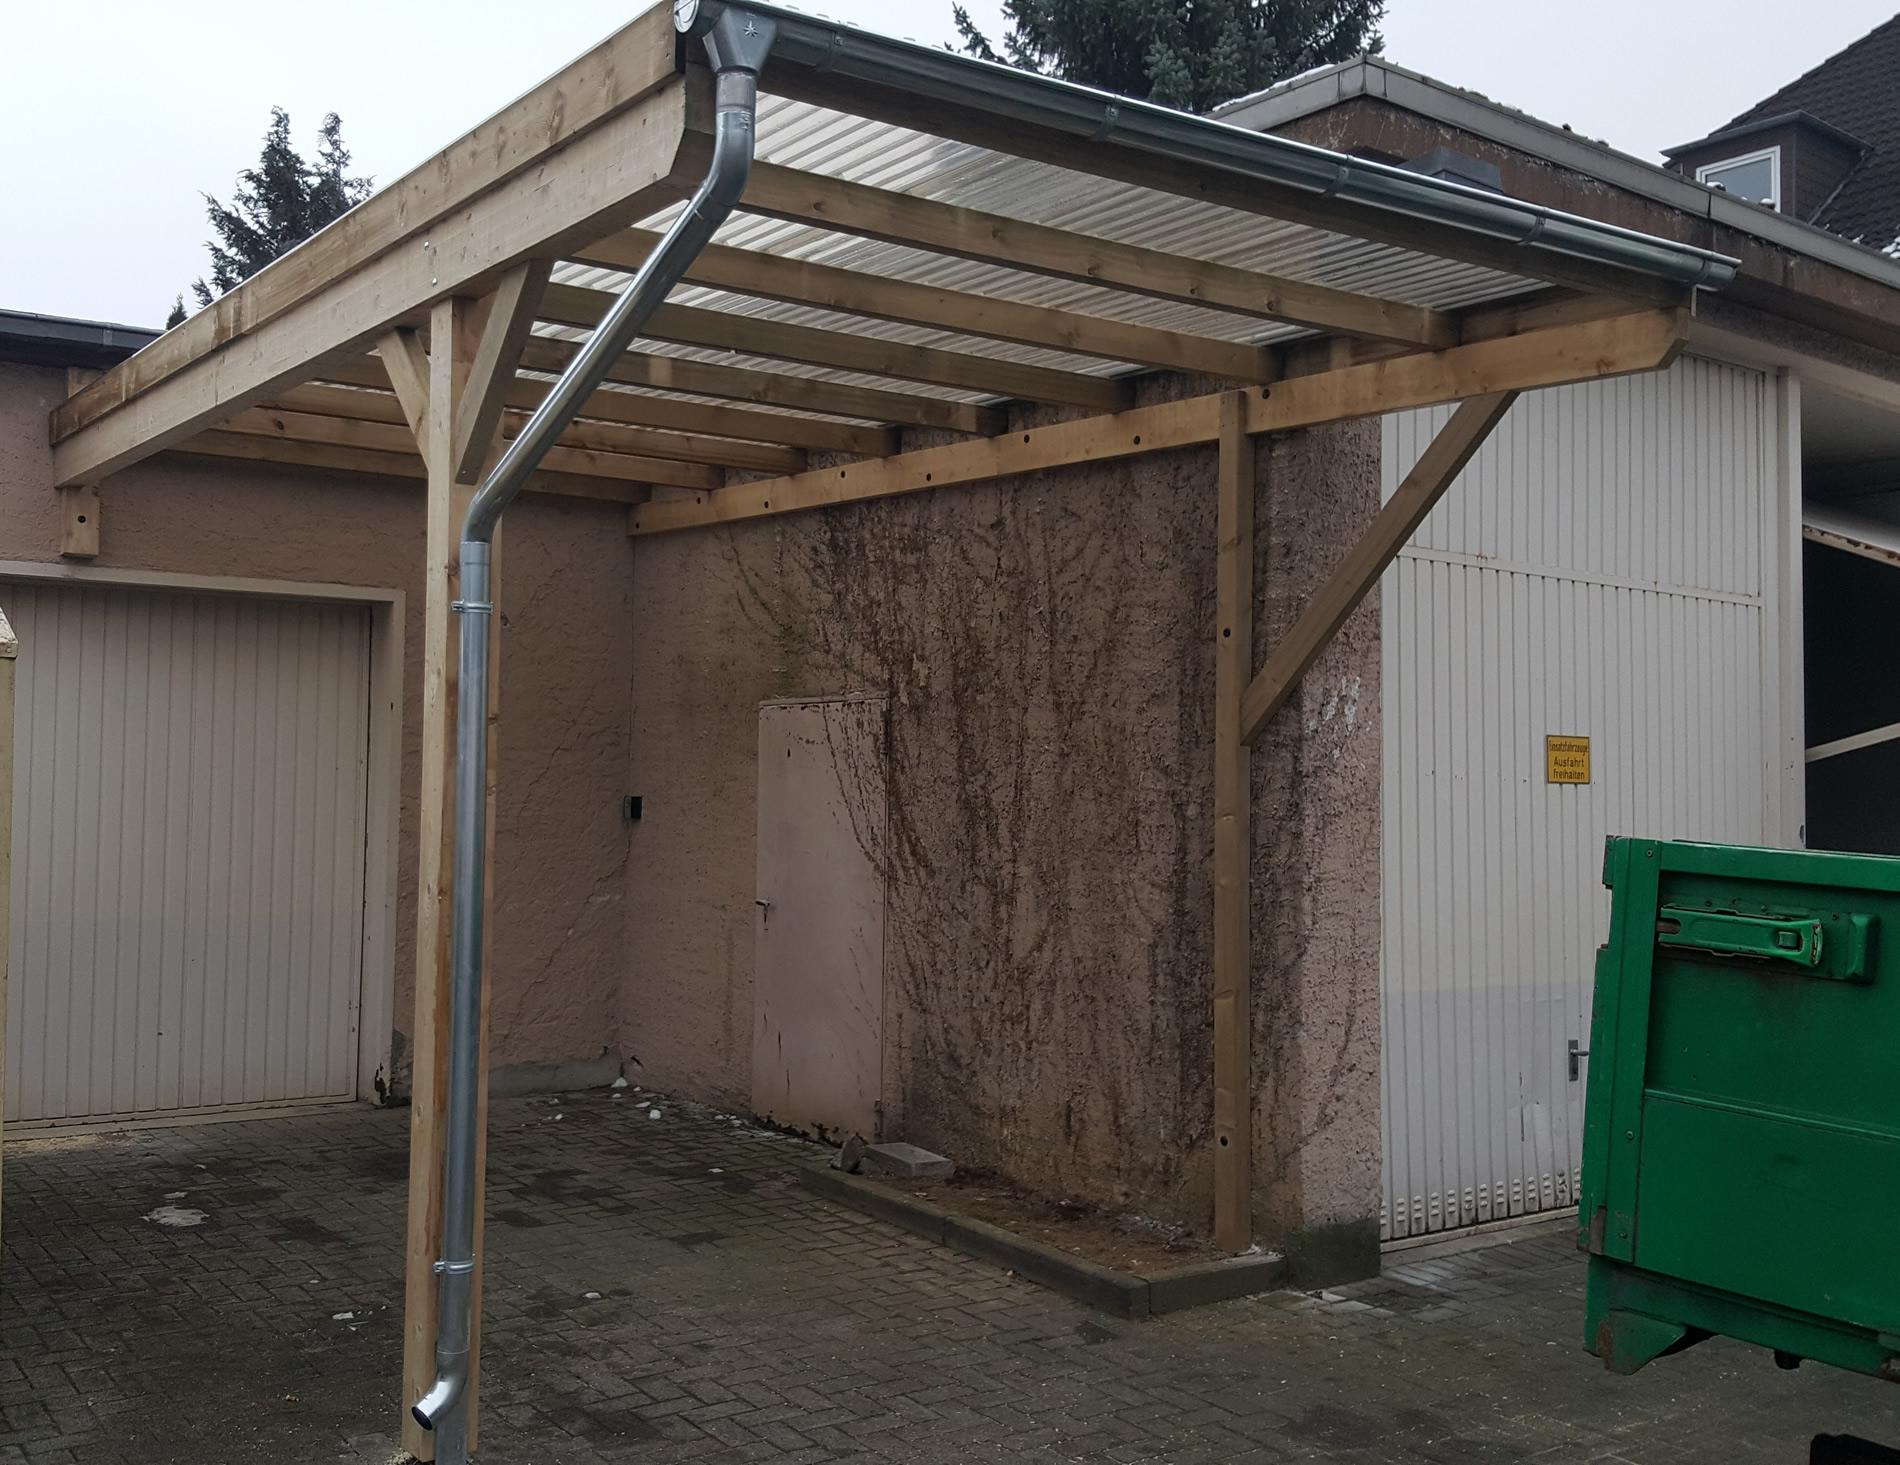 Referenzen carports sauerland for Carport pfosten